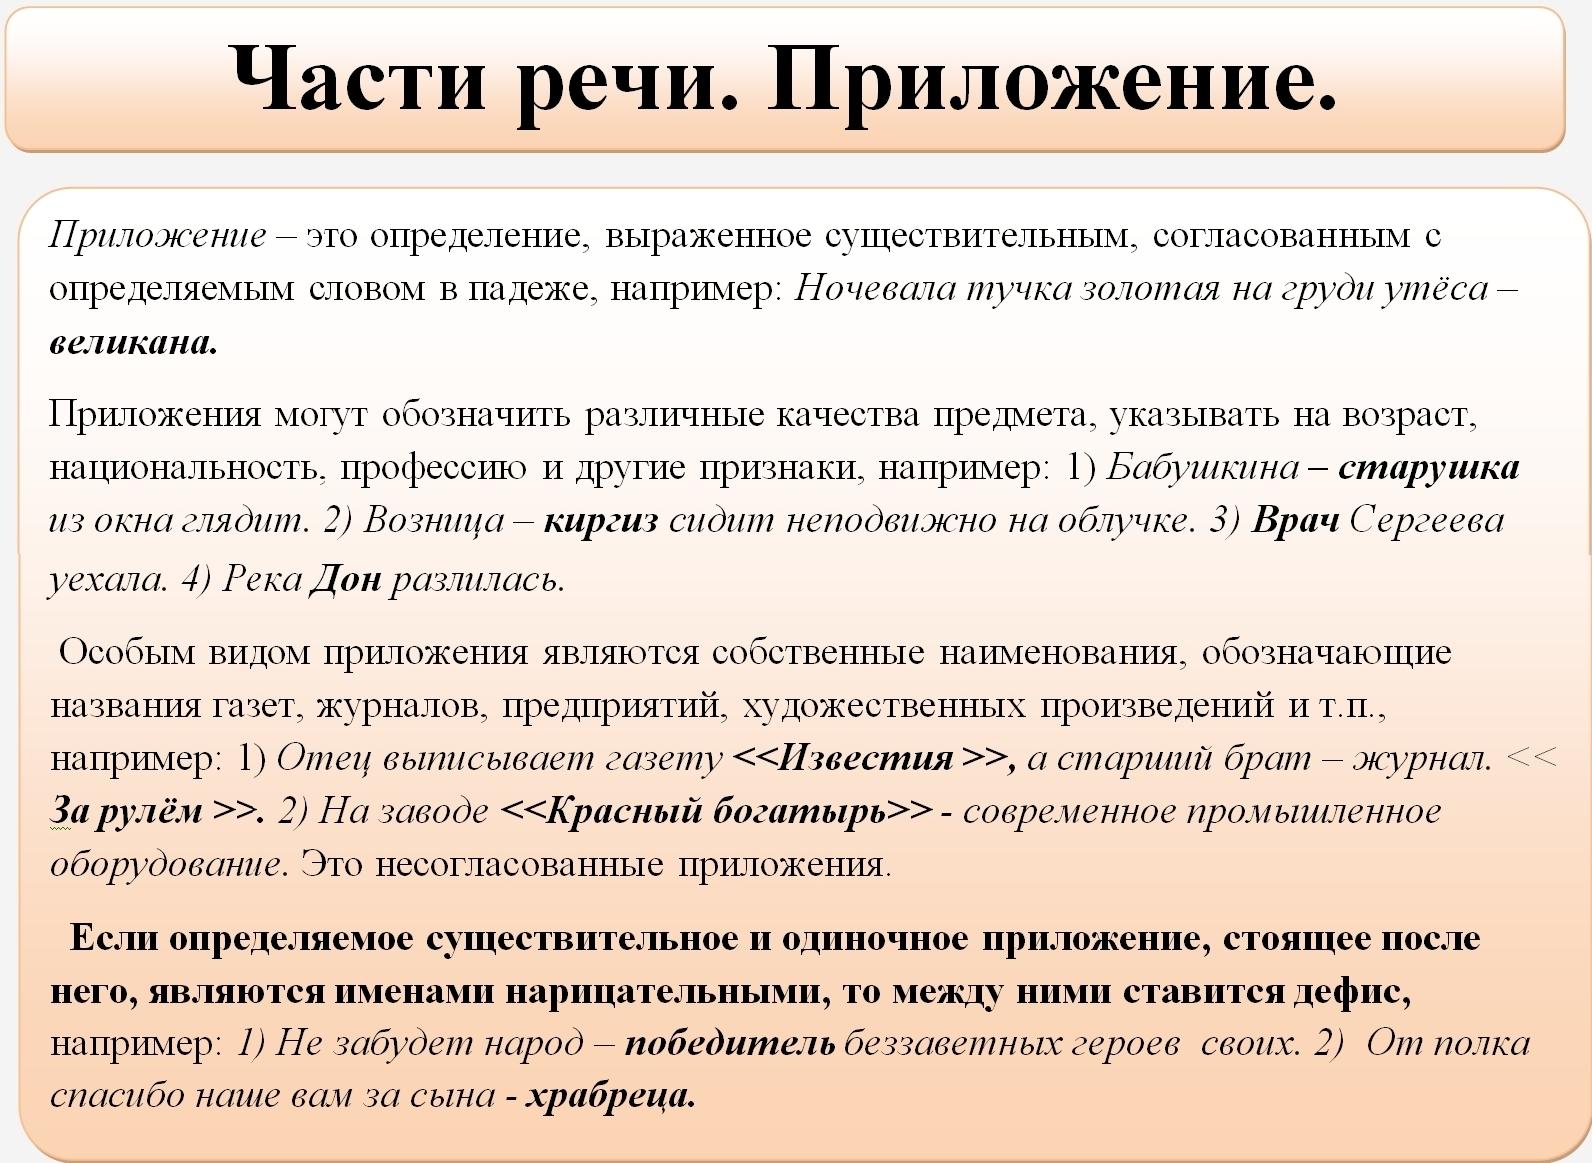 схема-конспект по русскому языку для аттестации 3 класс